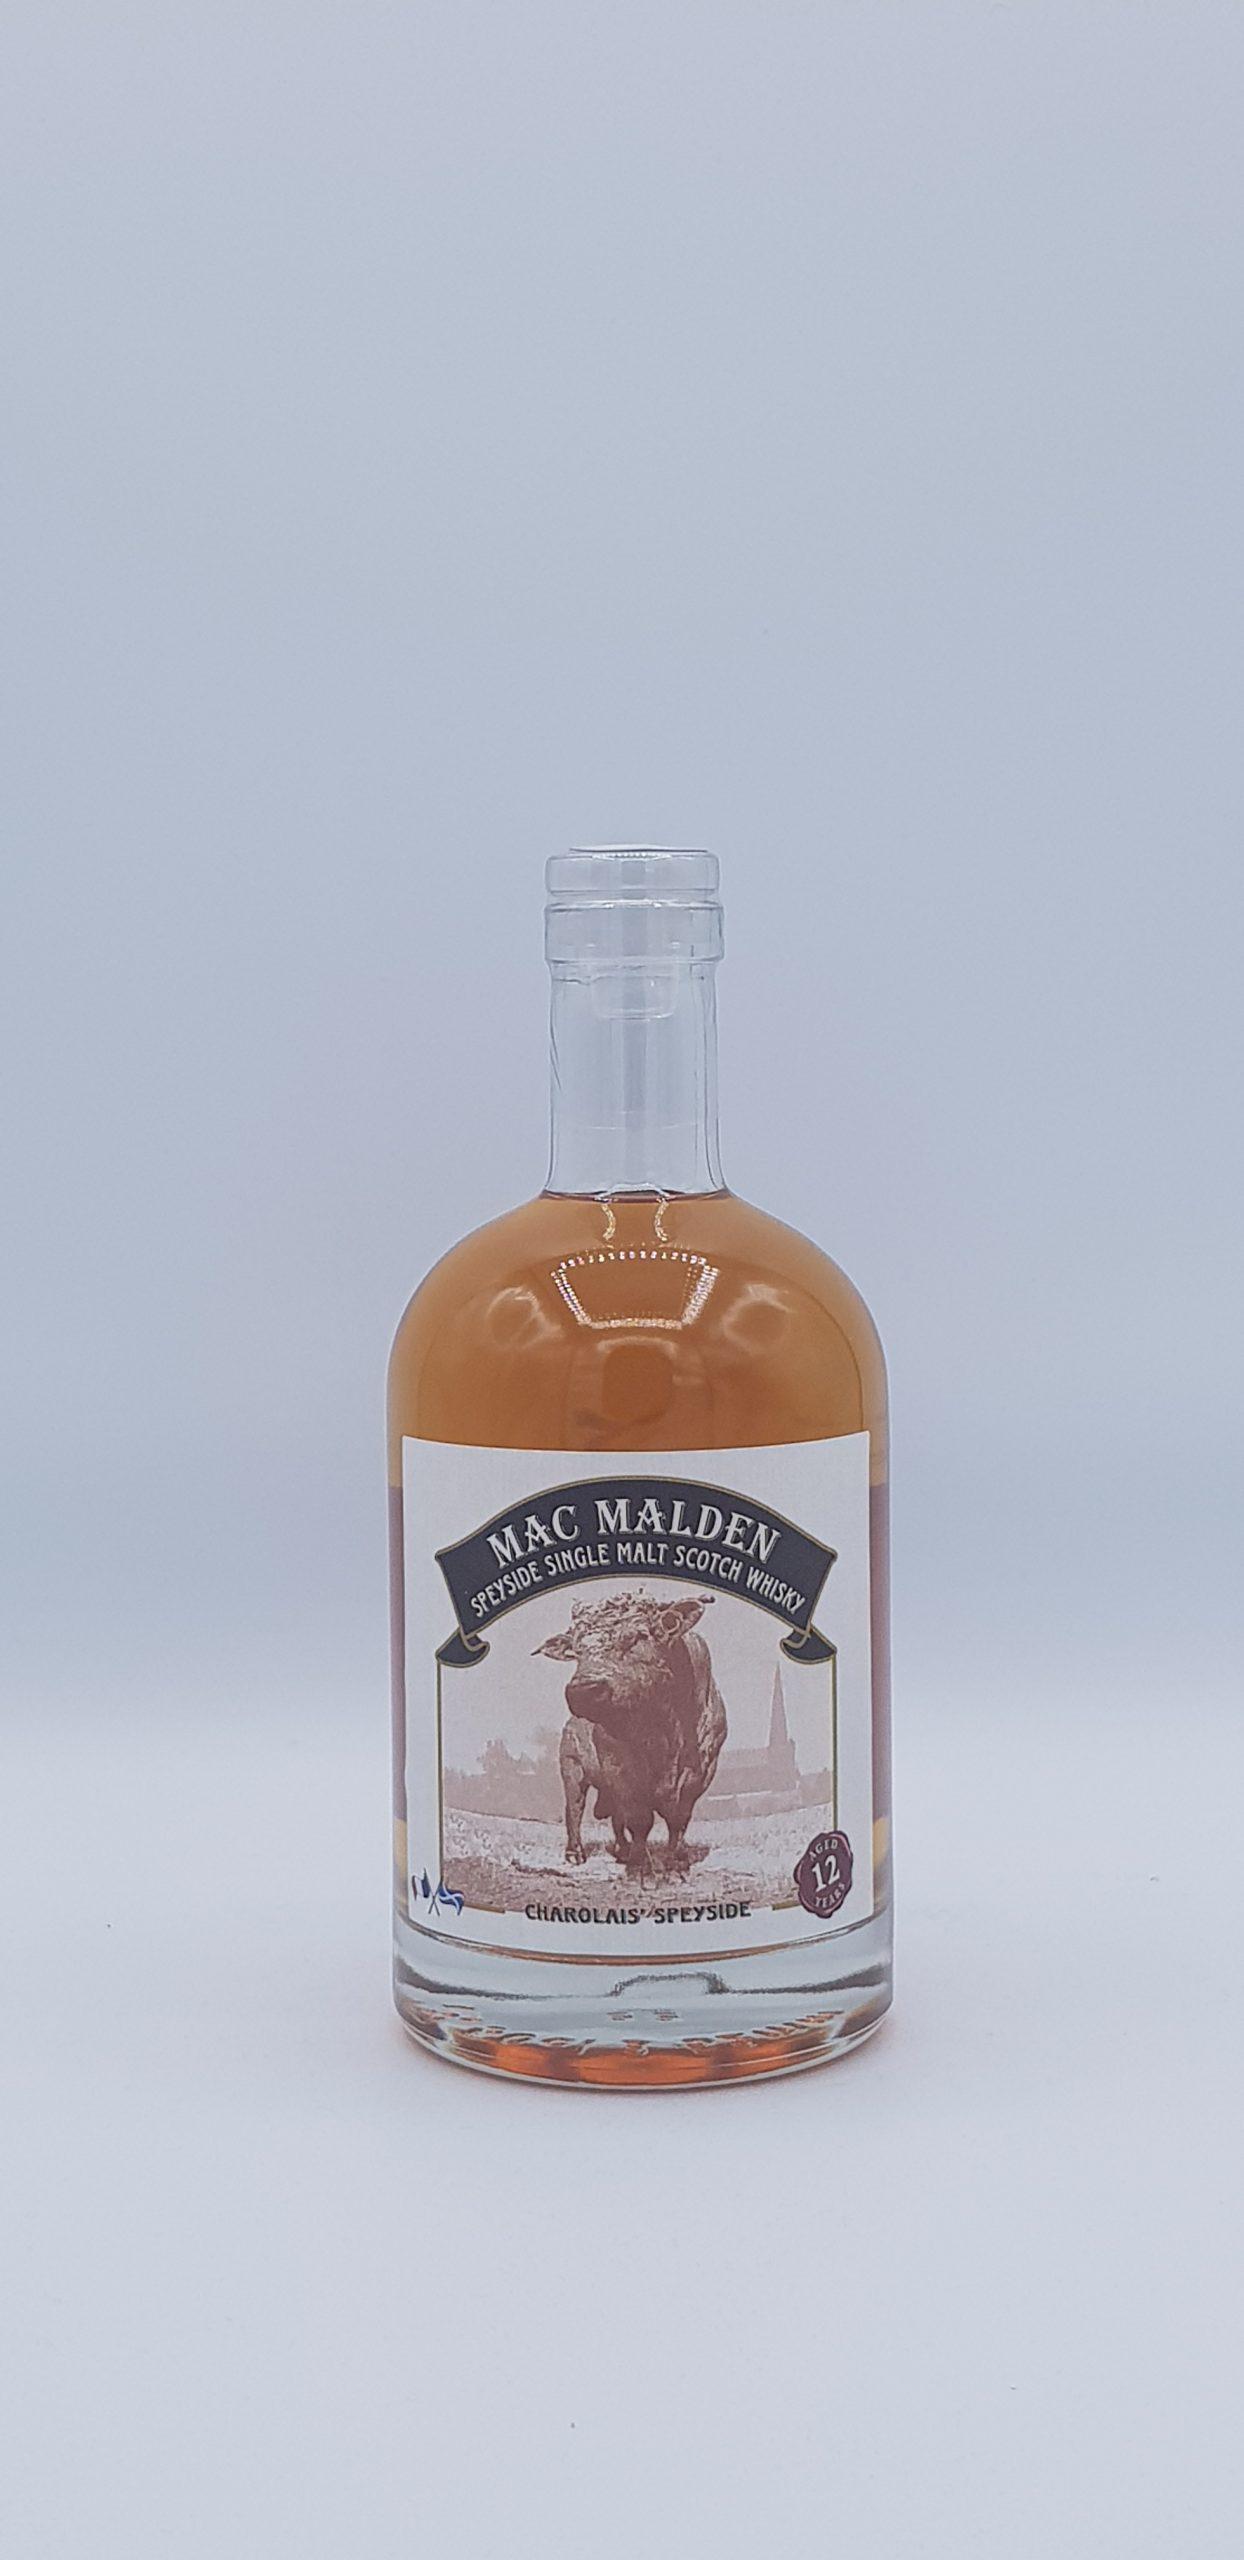 Whisky Charolais Blended Mac Malden